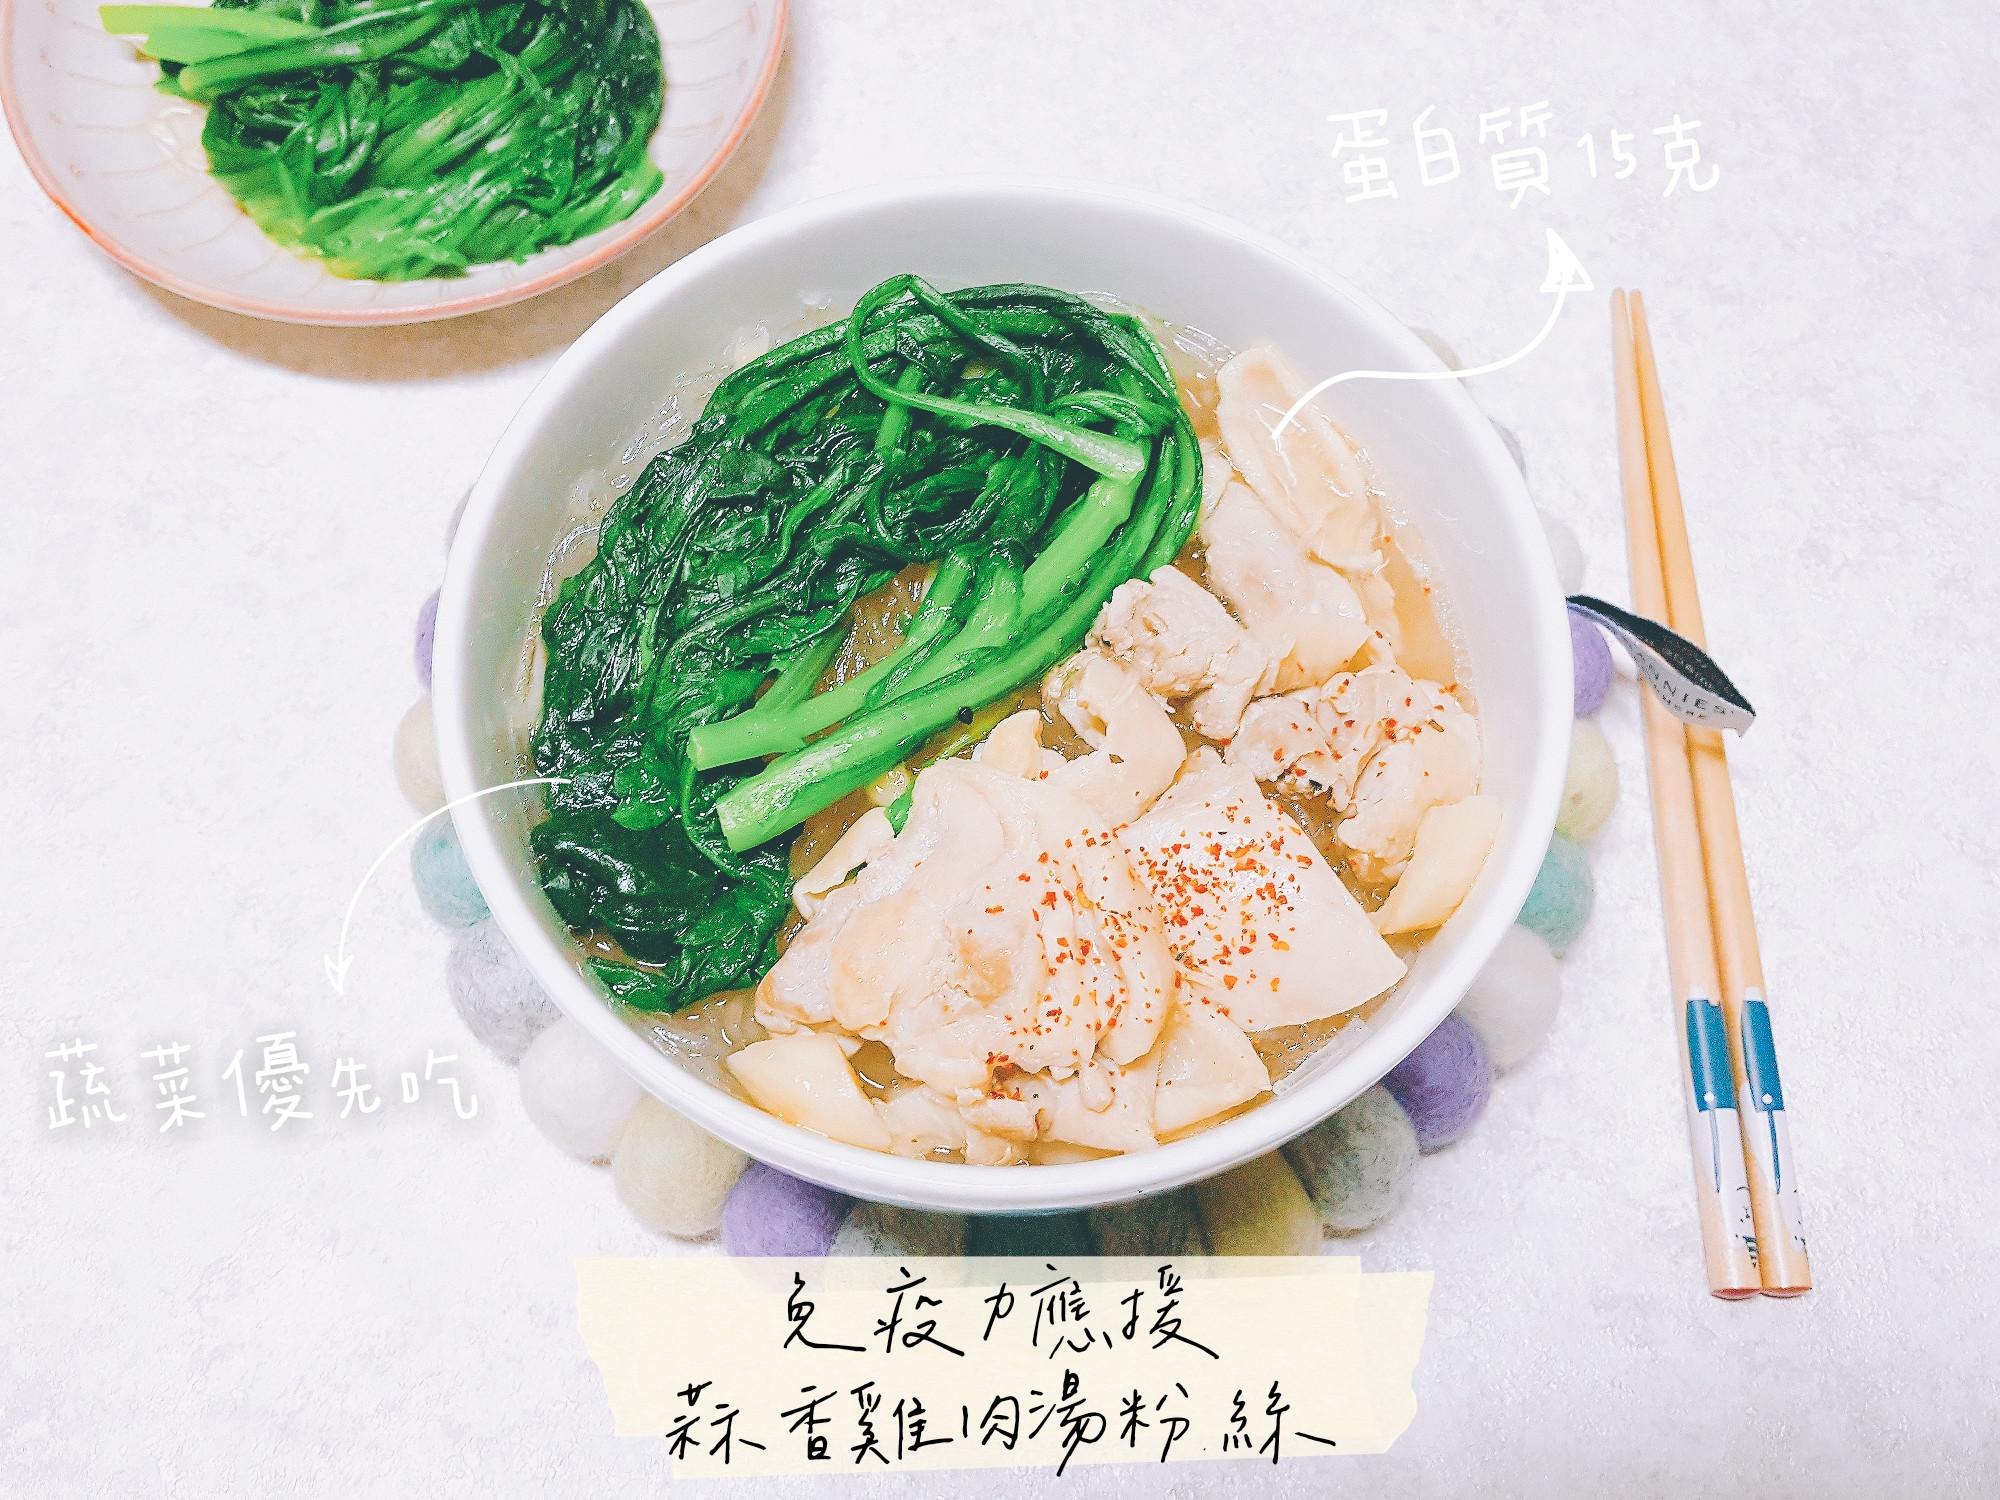 【低蛋白輕鬆吃】蒜香雞肉湯粉絲